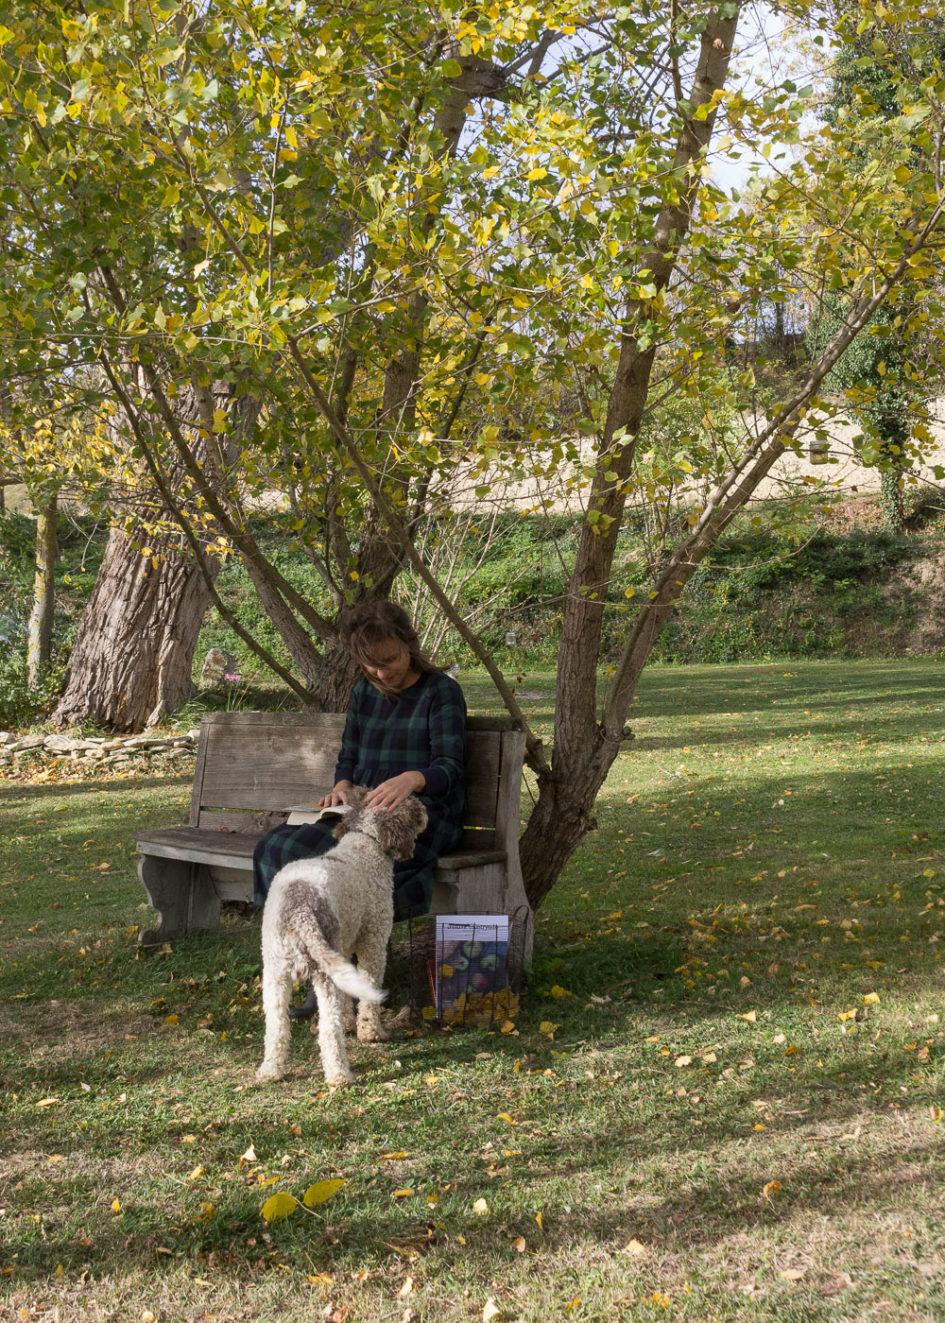 La bellezza dell'autunno - Leggere in giardino